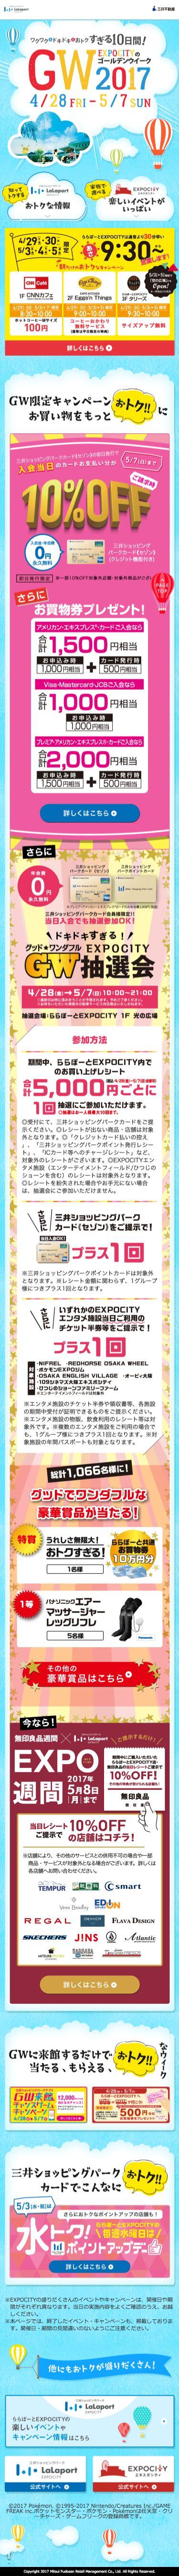 ららぽーとEXPOCITY|EXPOCITY のゴールデンウィーク2017